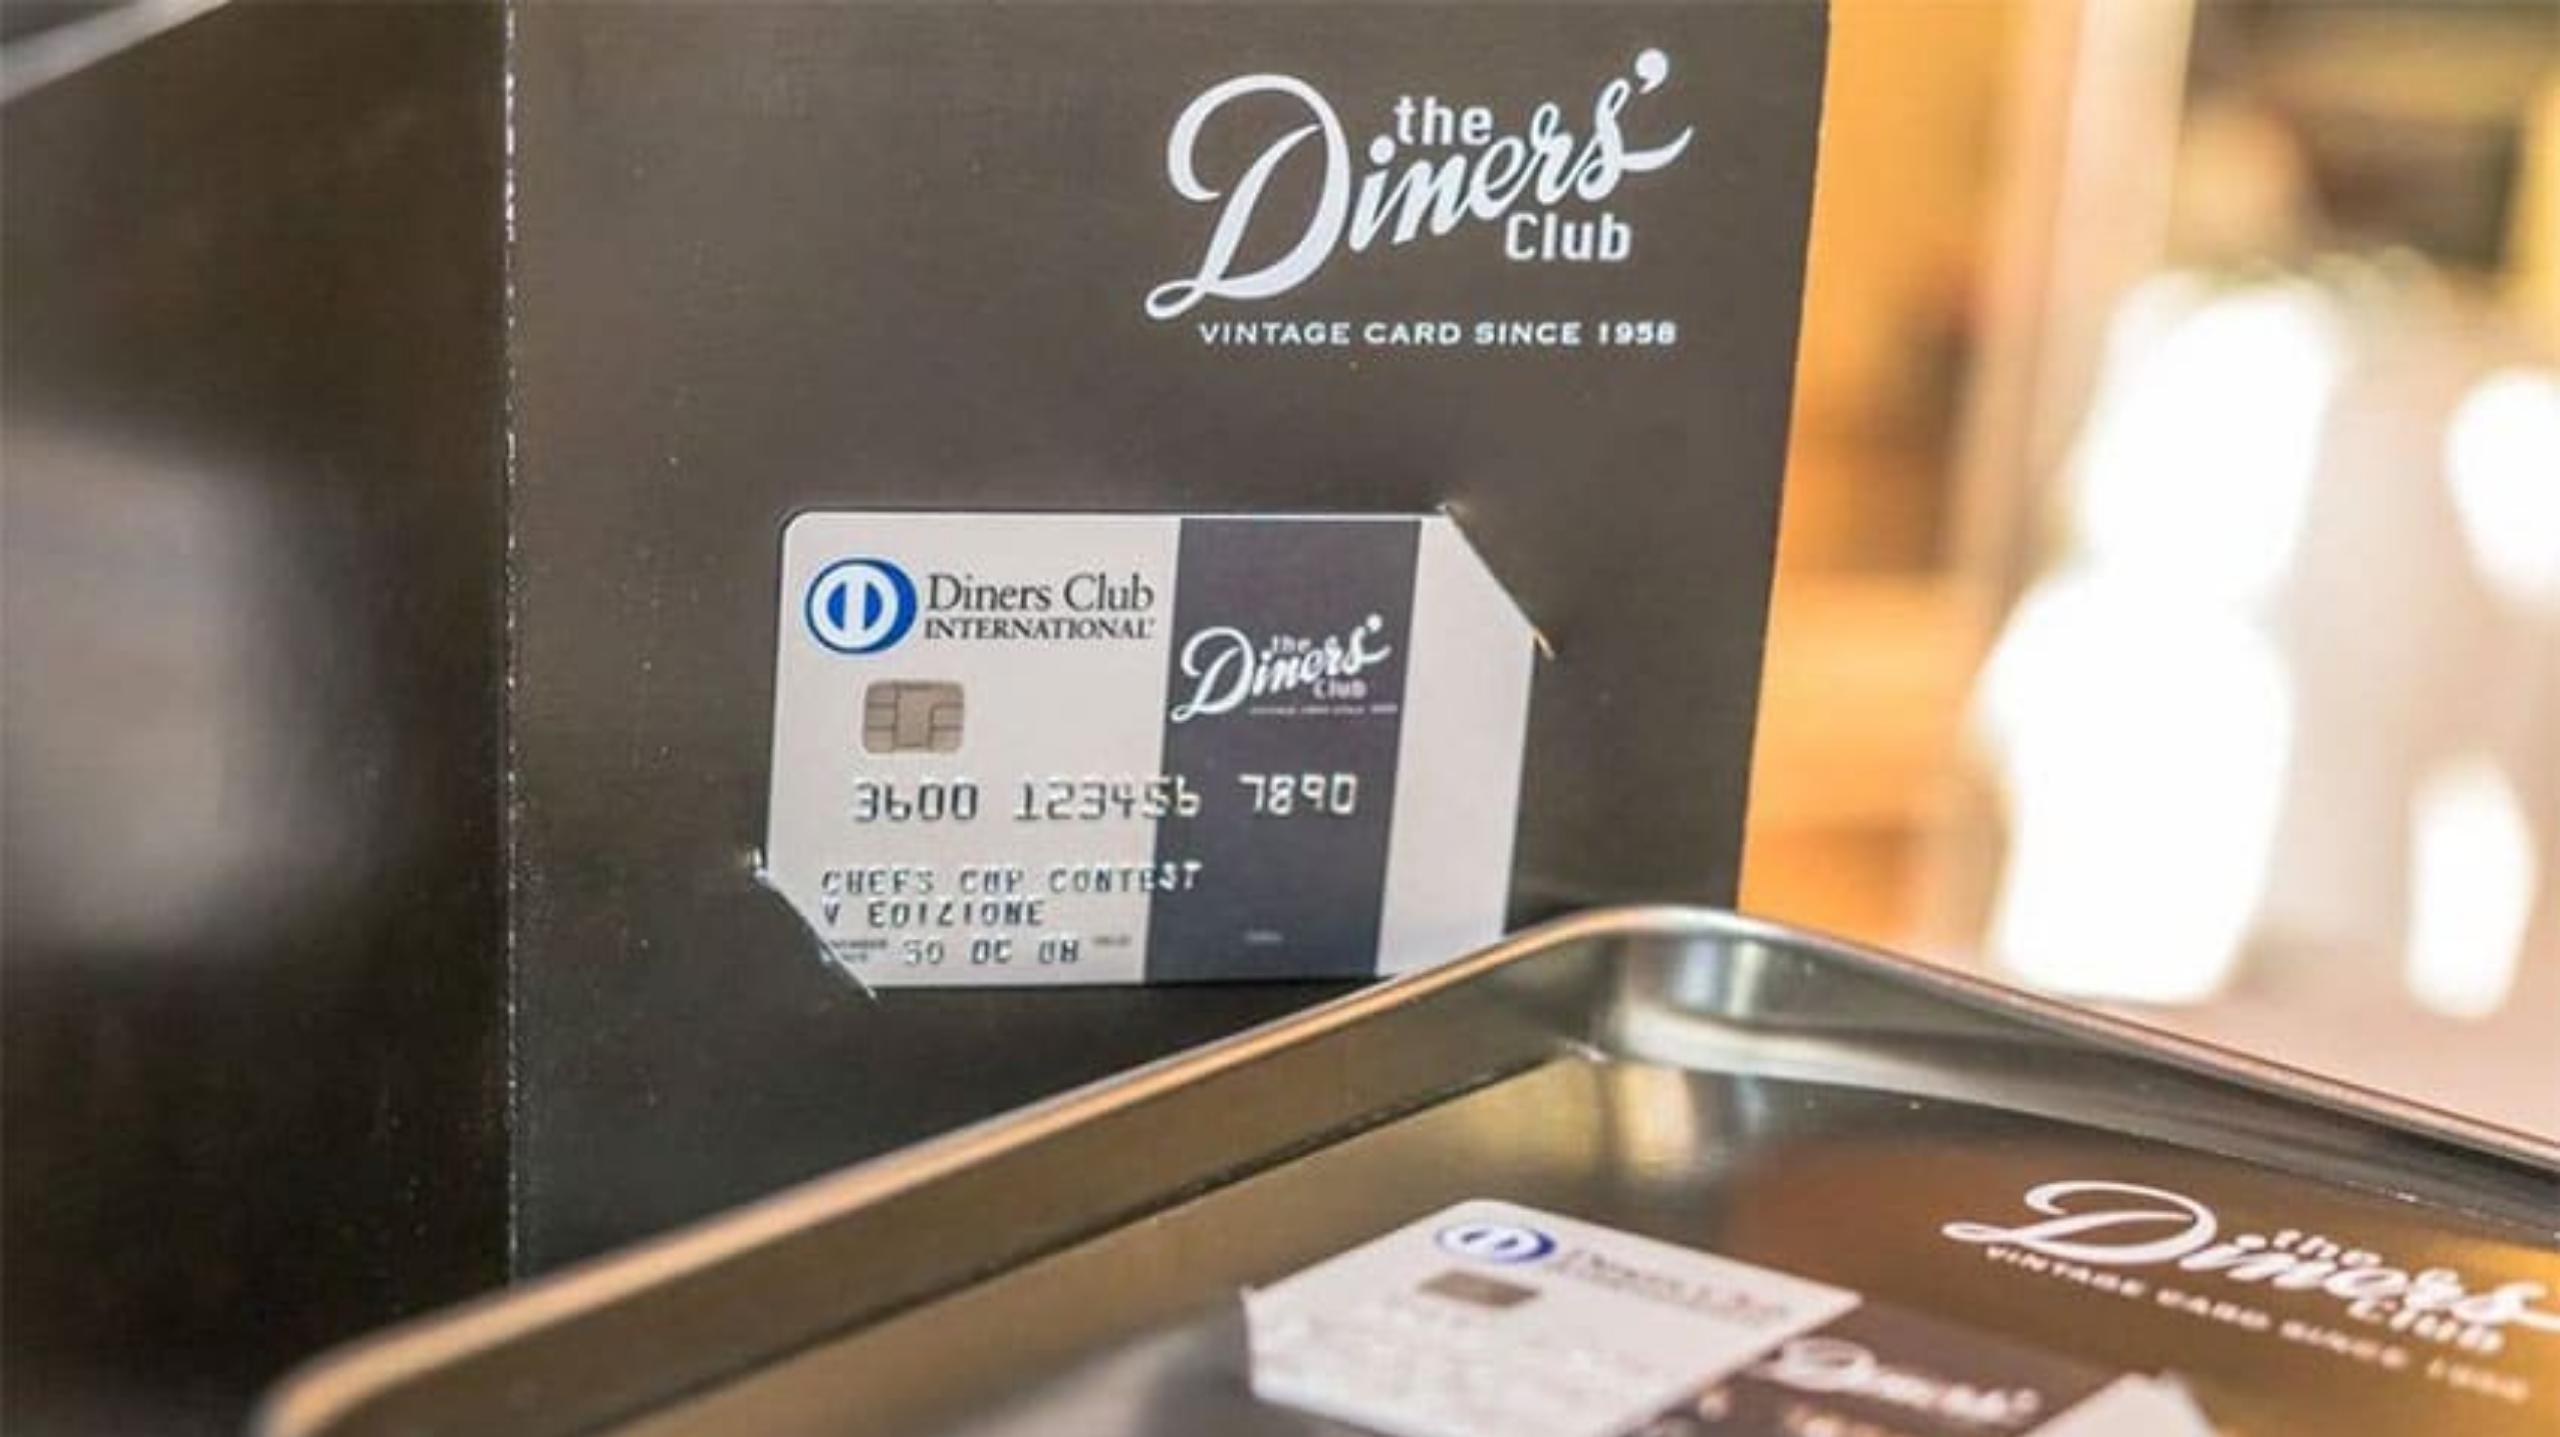 Diners Club Italia: il servizio finanziario che ha scelto di puntare sull'innovazione